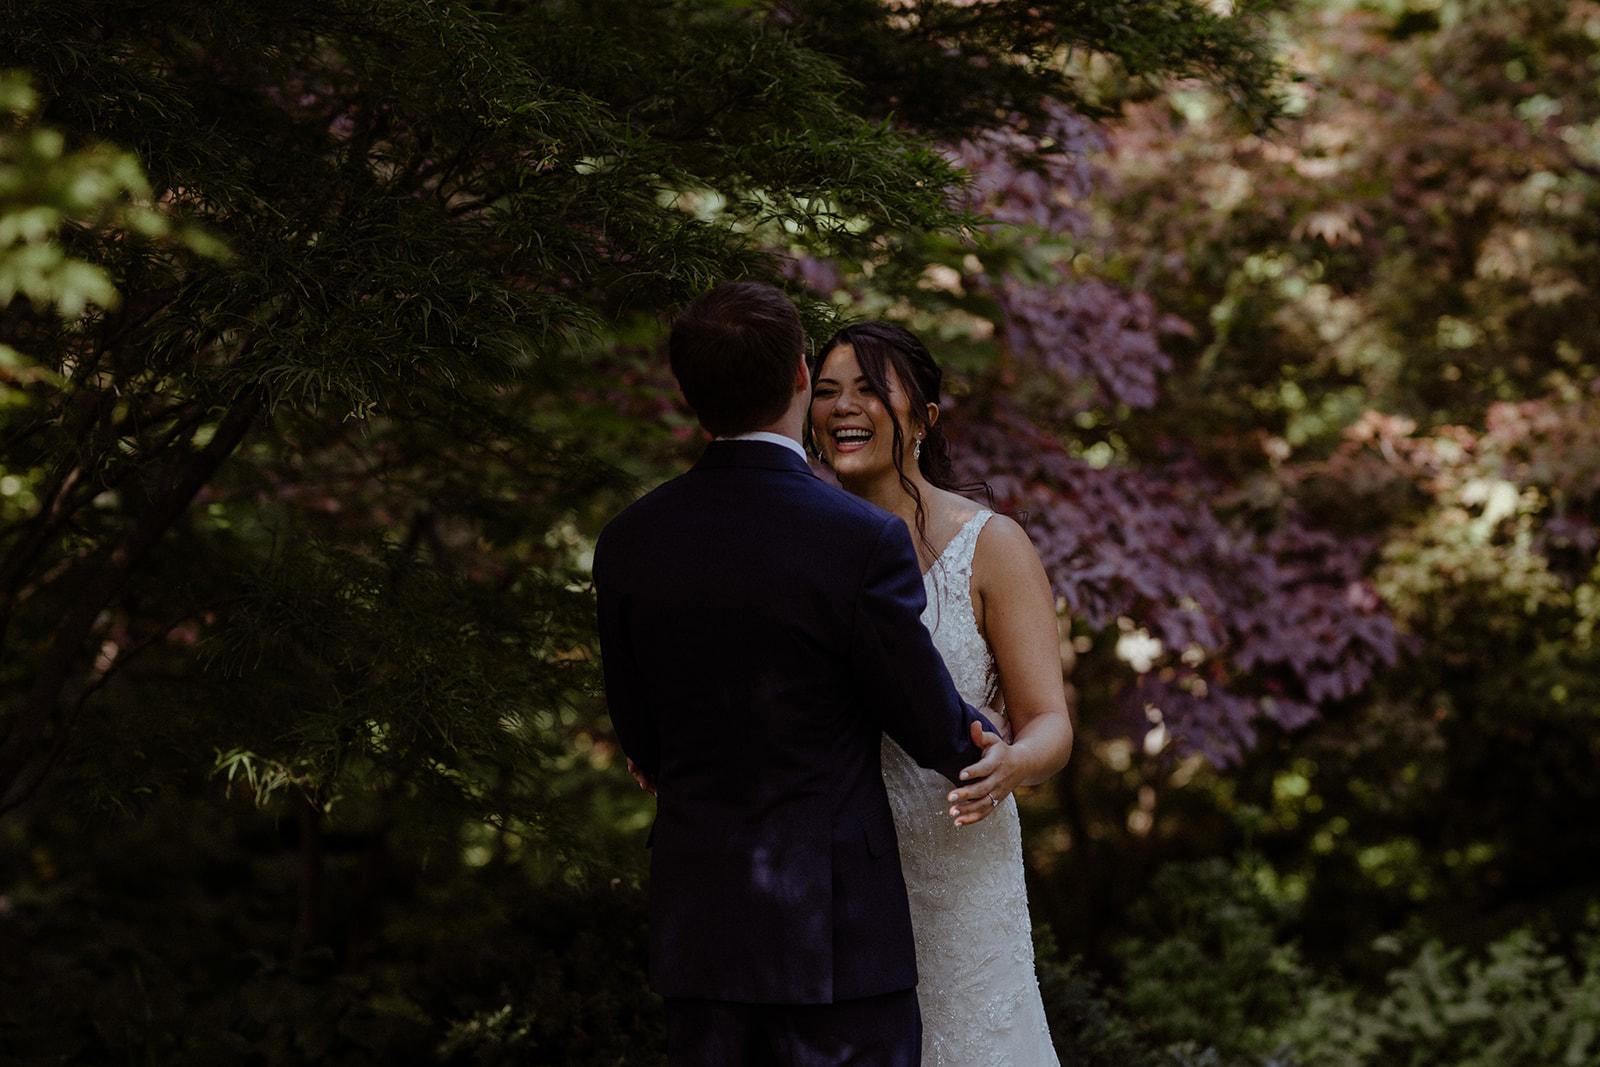 cleveland botanical garden wedding - chris + katie 81